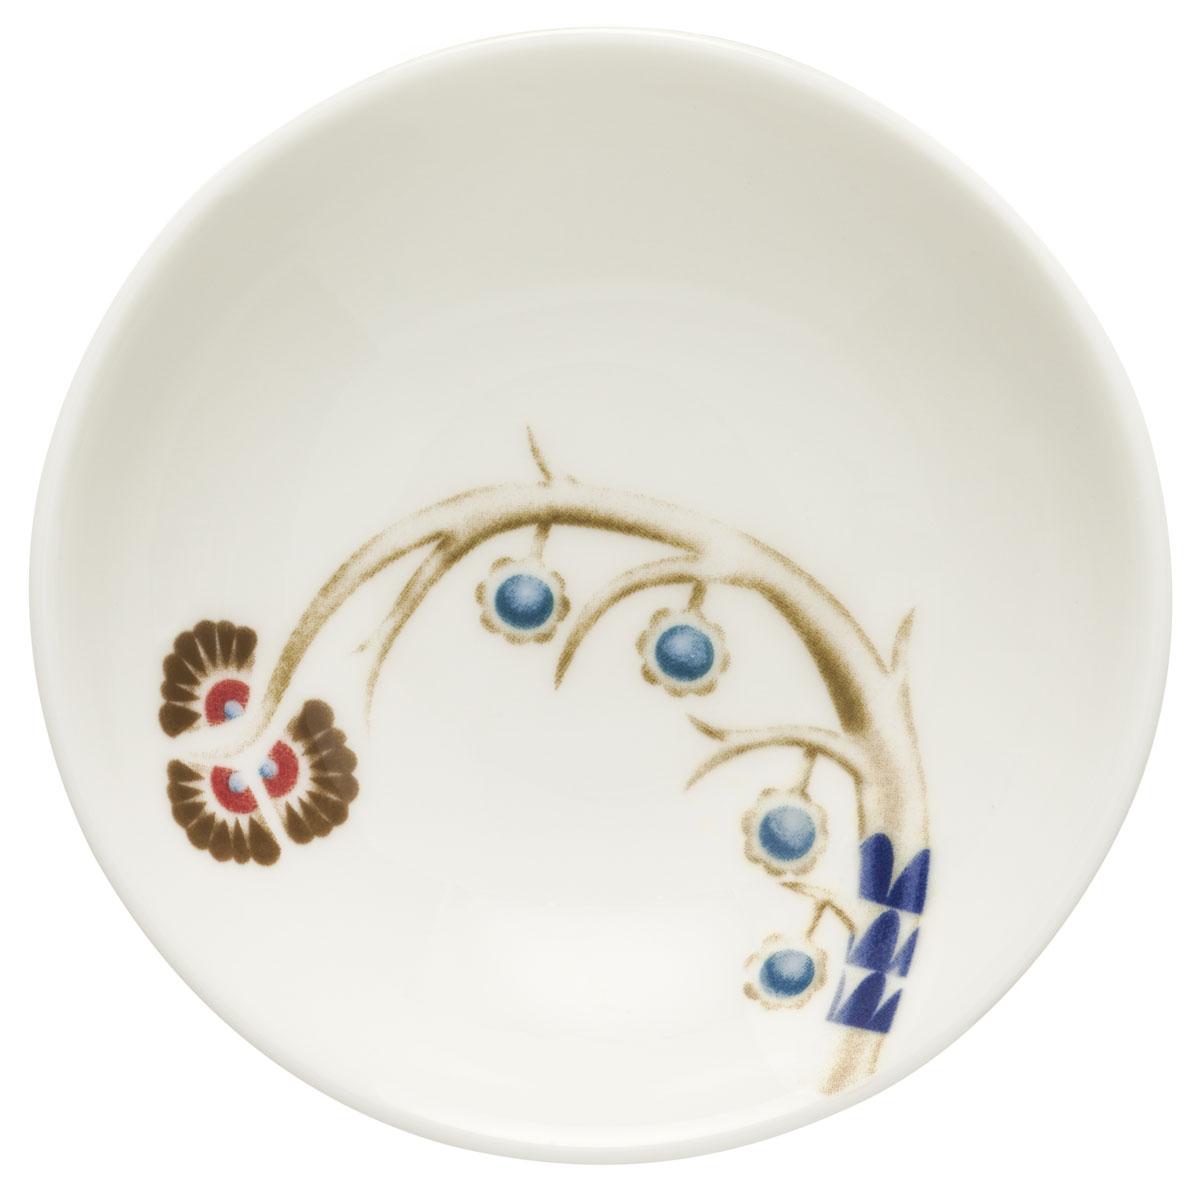 Блюдце Iittala Taika, цвет: белый, диаметр 9,5 см1011647Блюдце Iittala Taika выполнено из качественного жароустойчивого прочного фарфора с долговечным стекловидным эмалевым покрытием. Можно мыть в посудомоечной машине.Диаметр: 9,5 см.